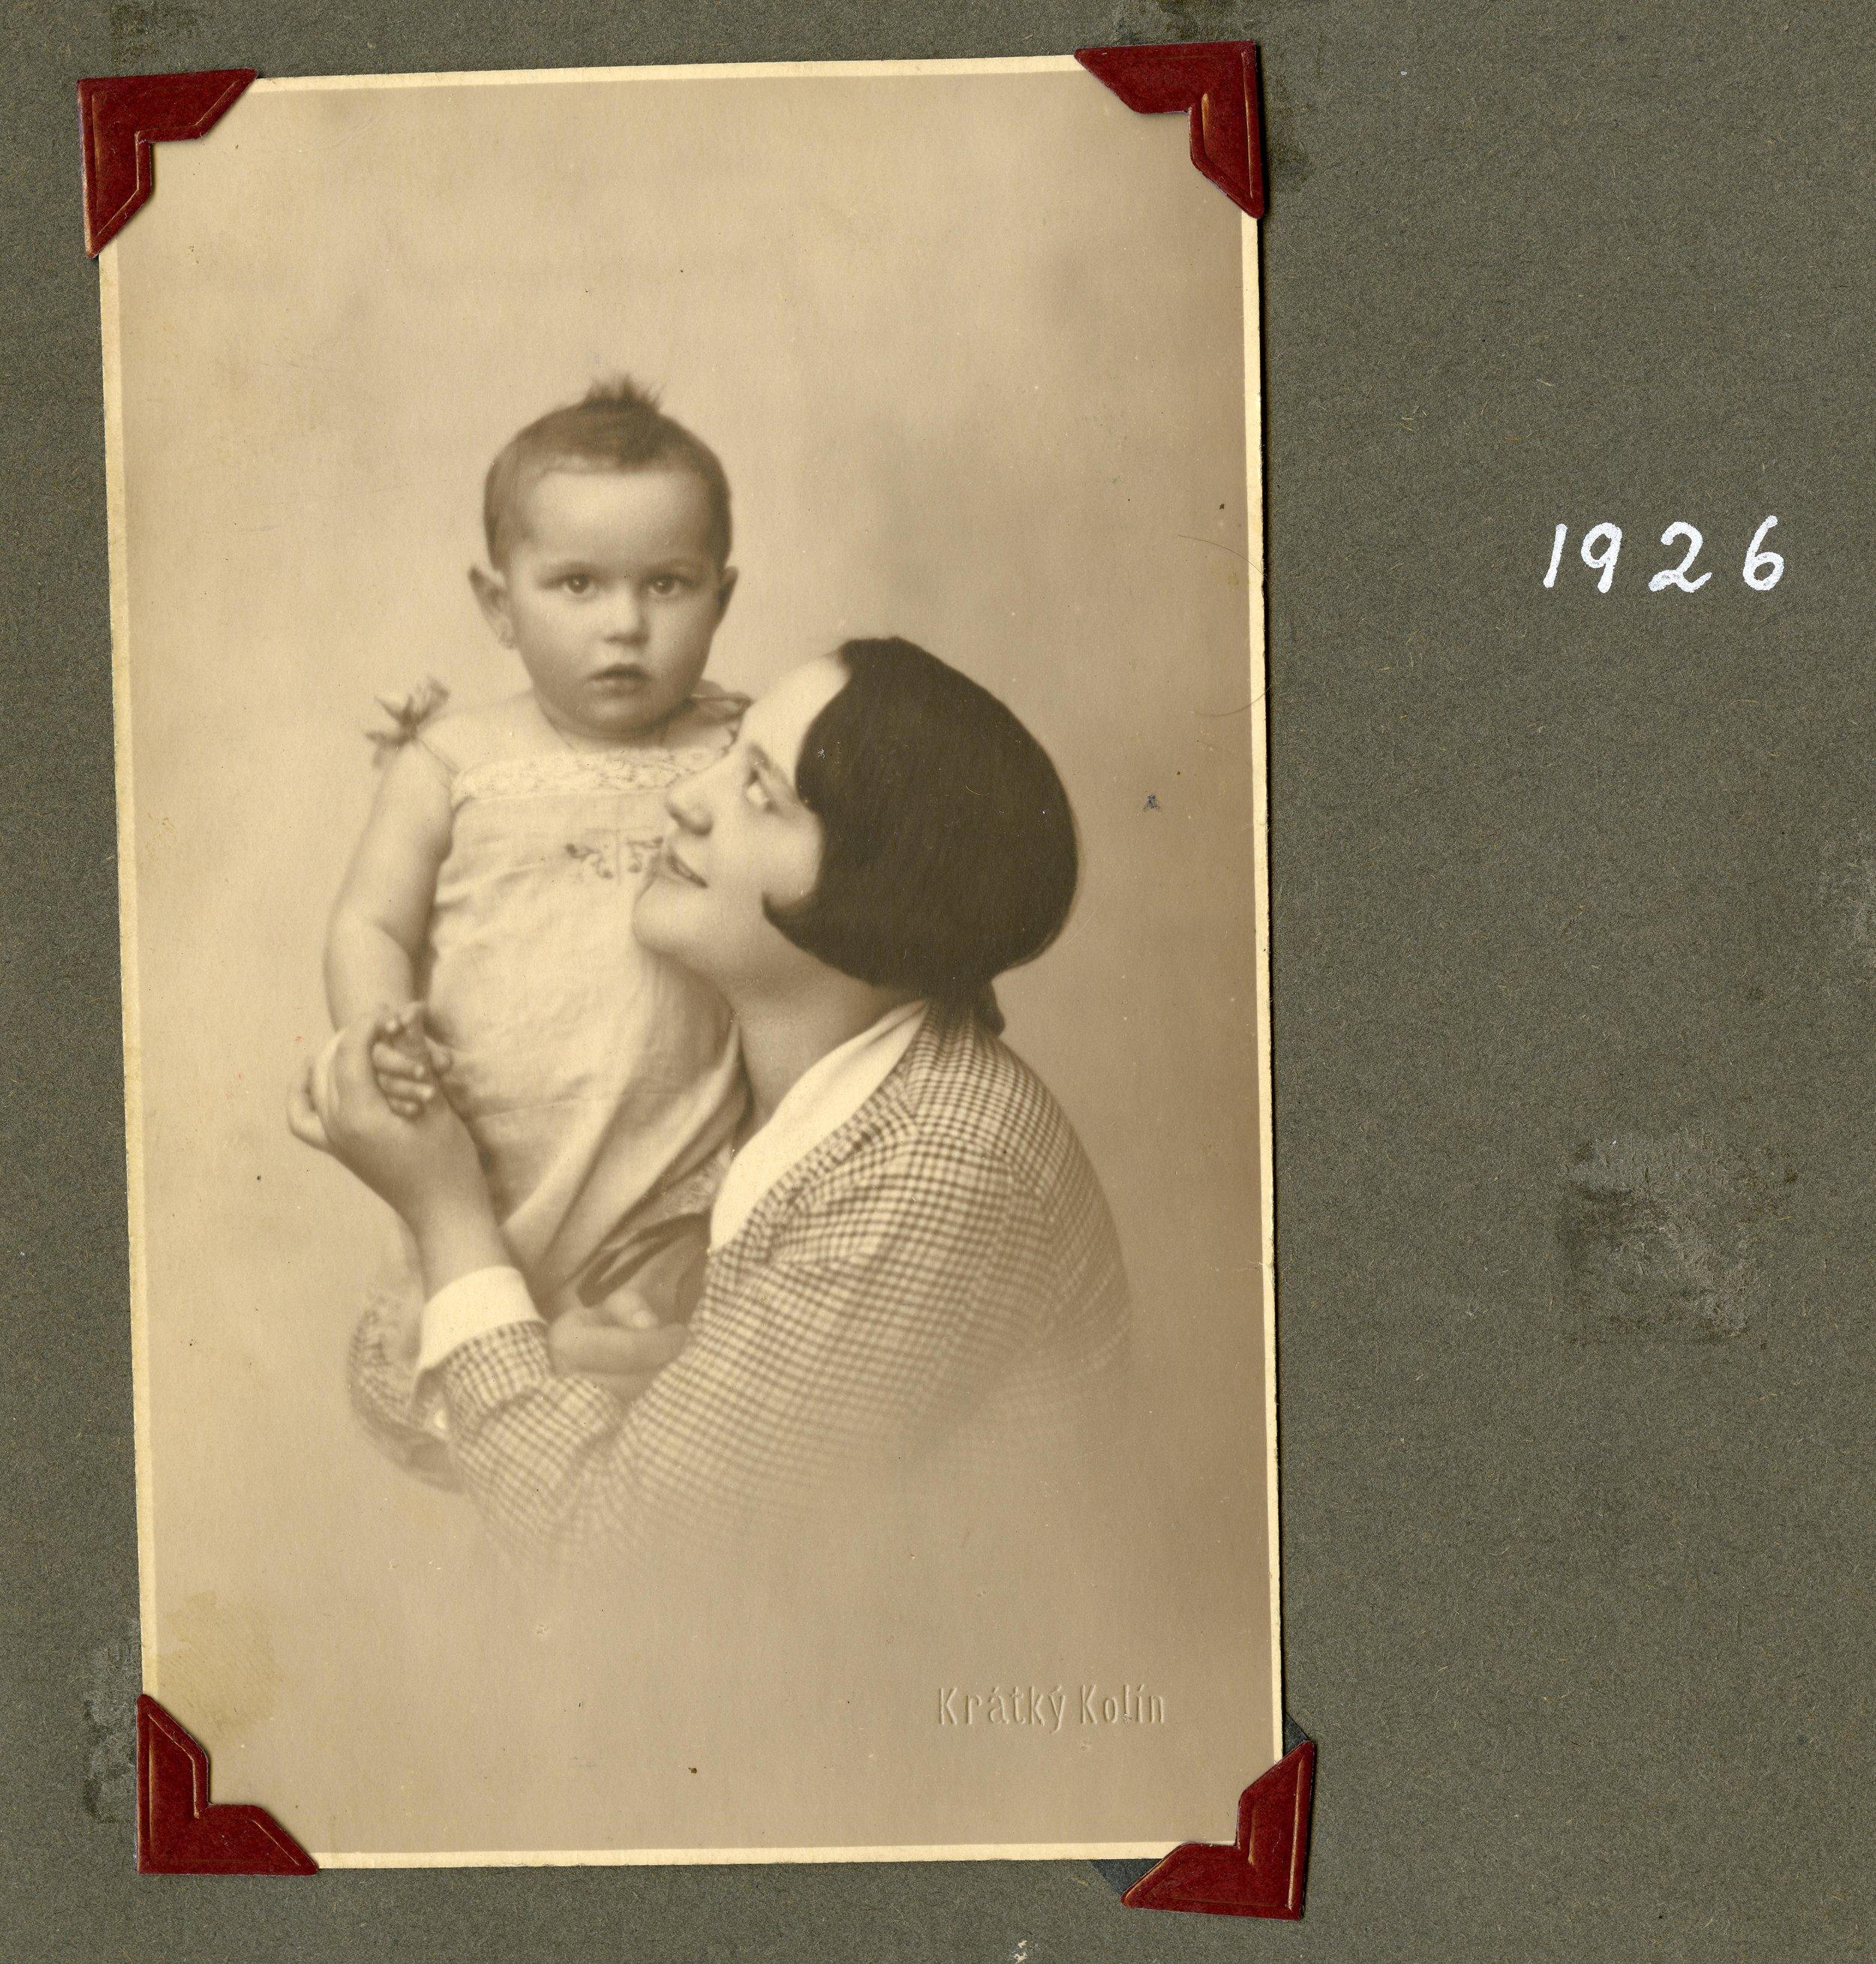 RC-Album1_011.jpg